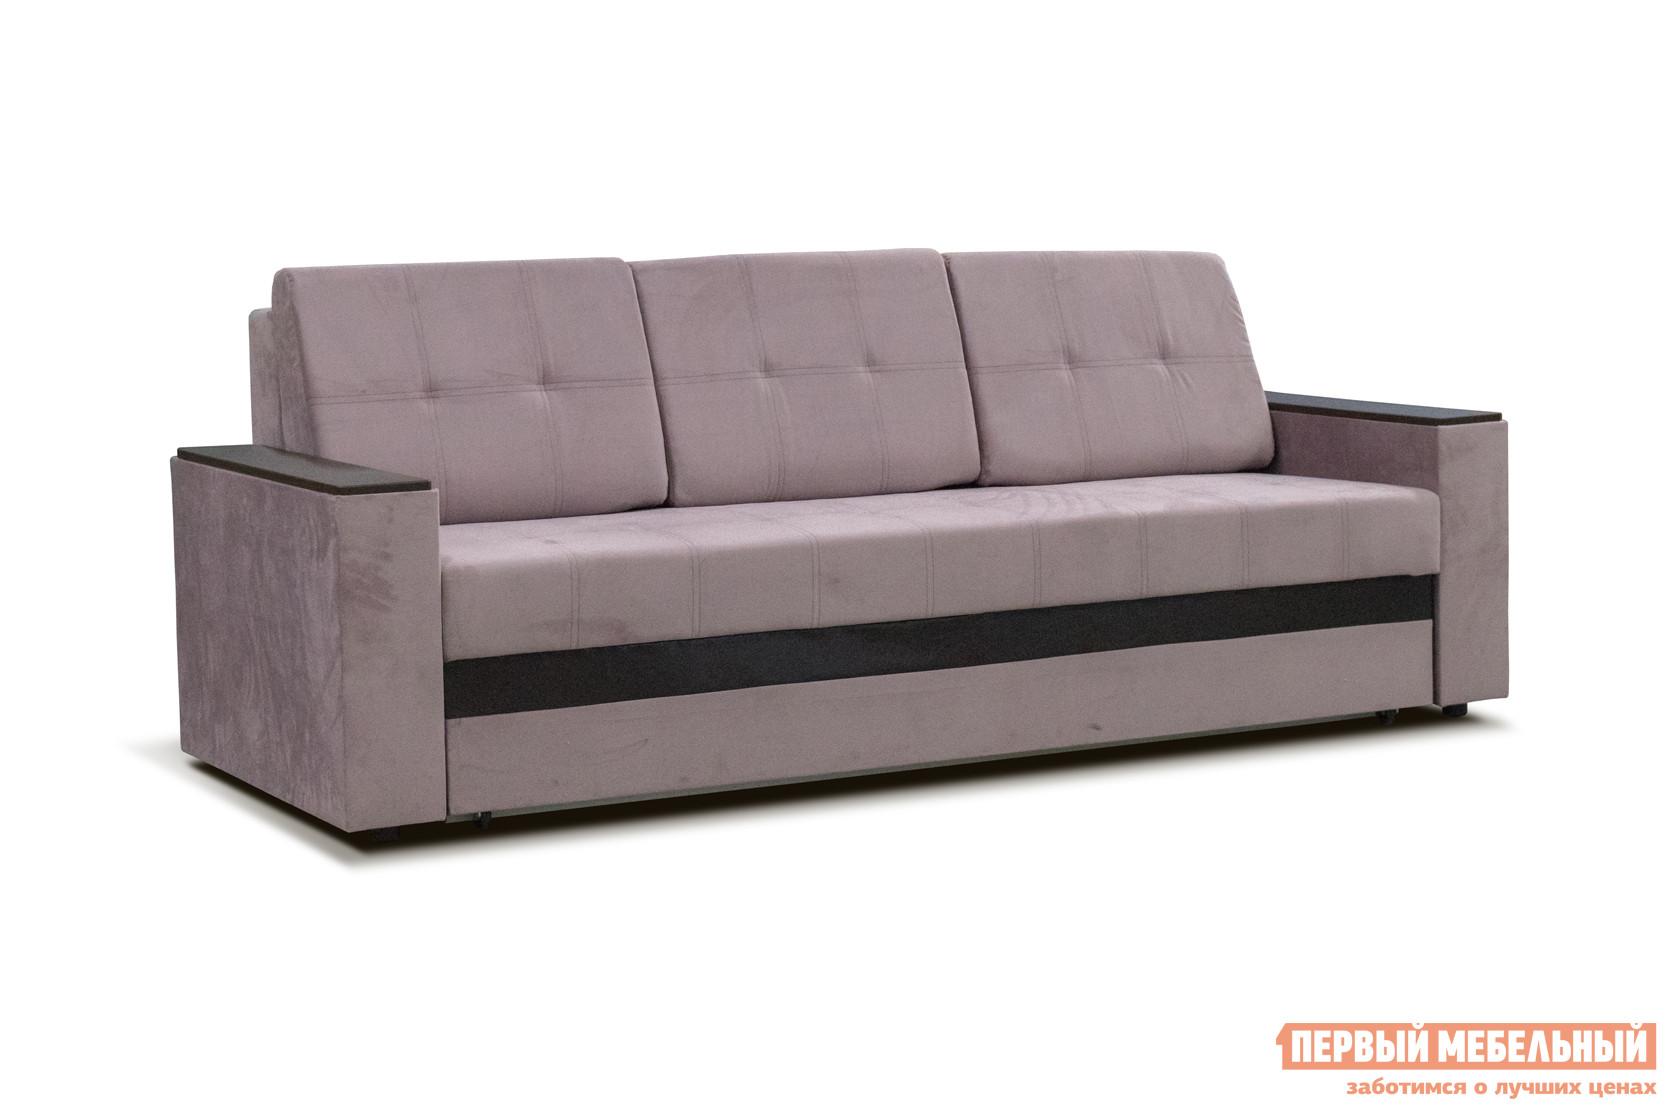 Прямой диван Первый Мебельный Атланта